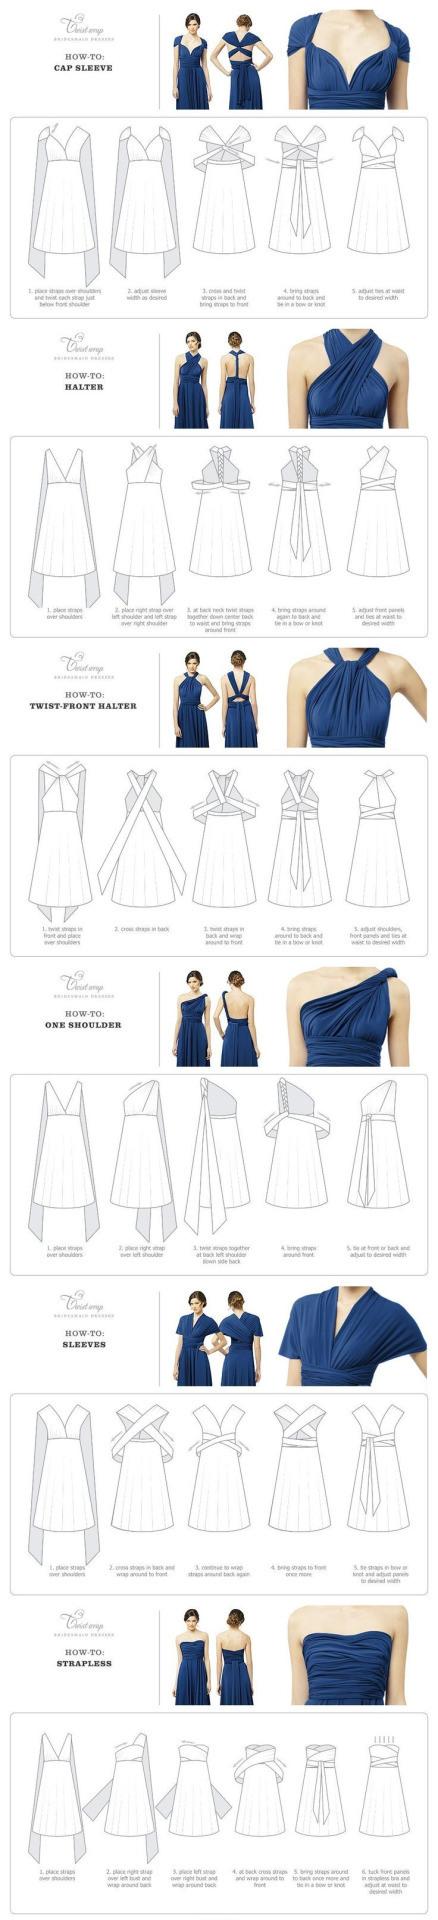 Formal Großartig C Und A Abendkleid Bester Preis Genial C Und A Abendkleid für 2019